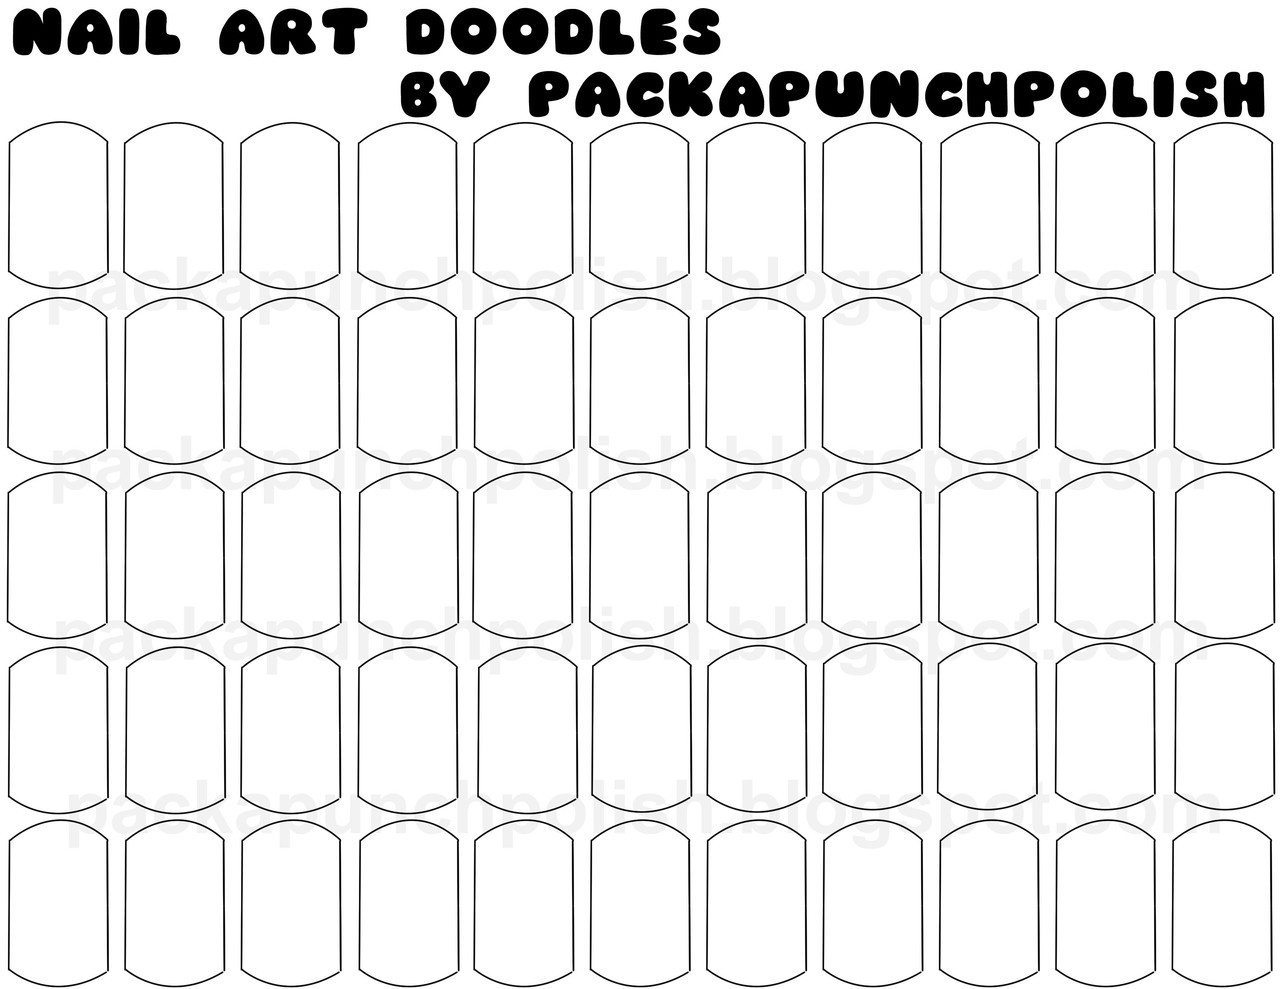 PackAPunchPolish — I made nail art doodle sheets! I made